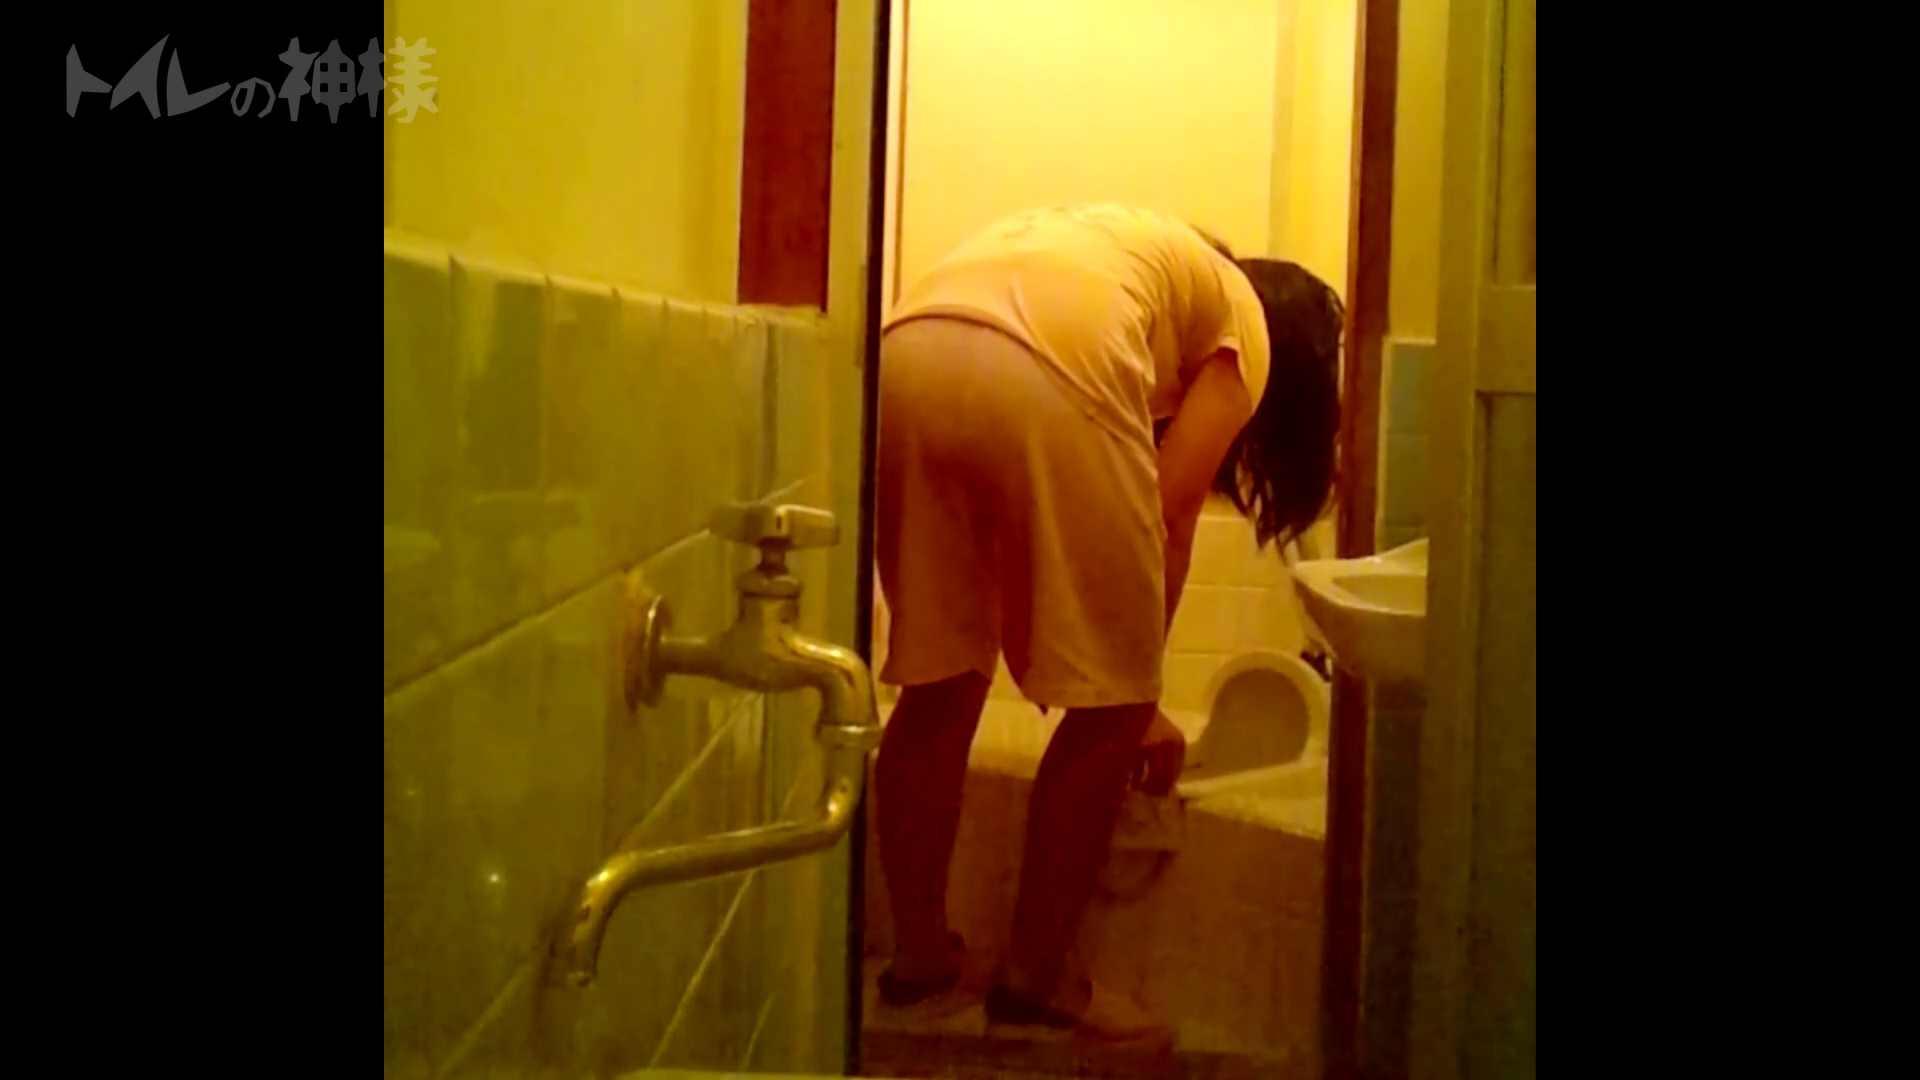 トイレの神様 Vol.08 プリントしたお・し・り 丸見え エロ画像 102枚 16